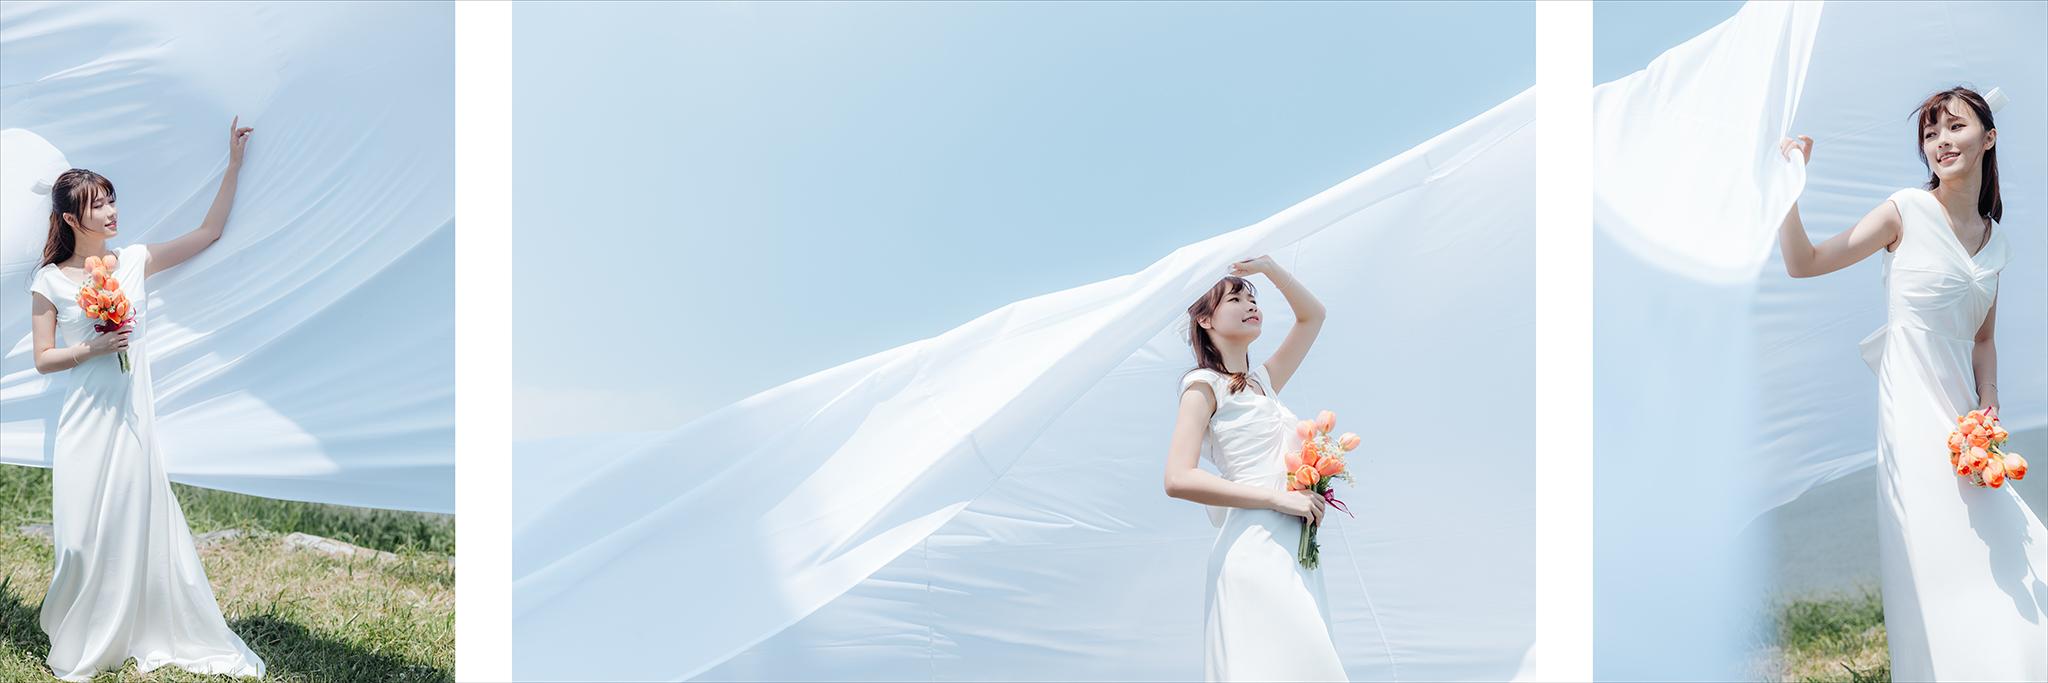 50082282392 9d6382f4be o - 【自主婚紗】+Mei+